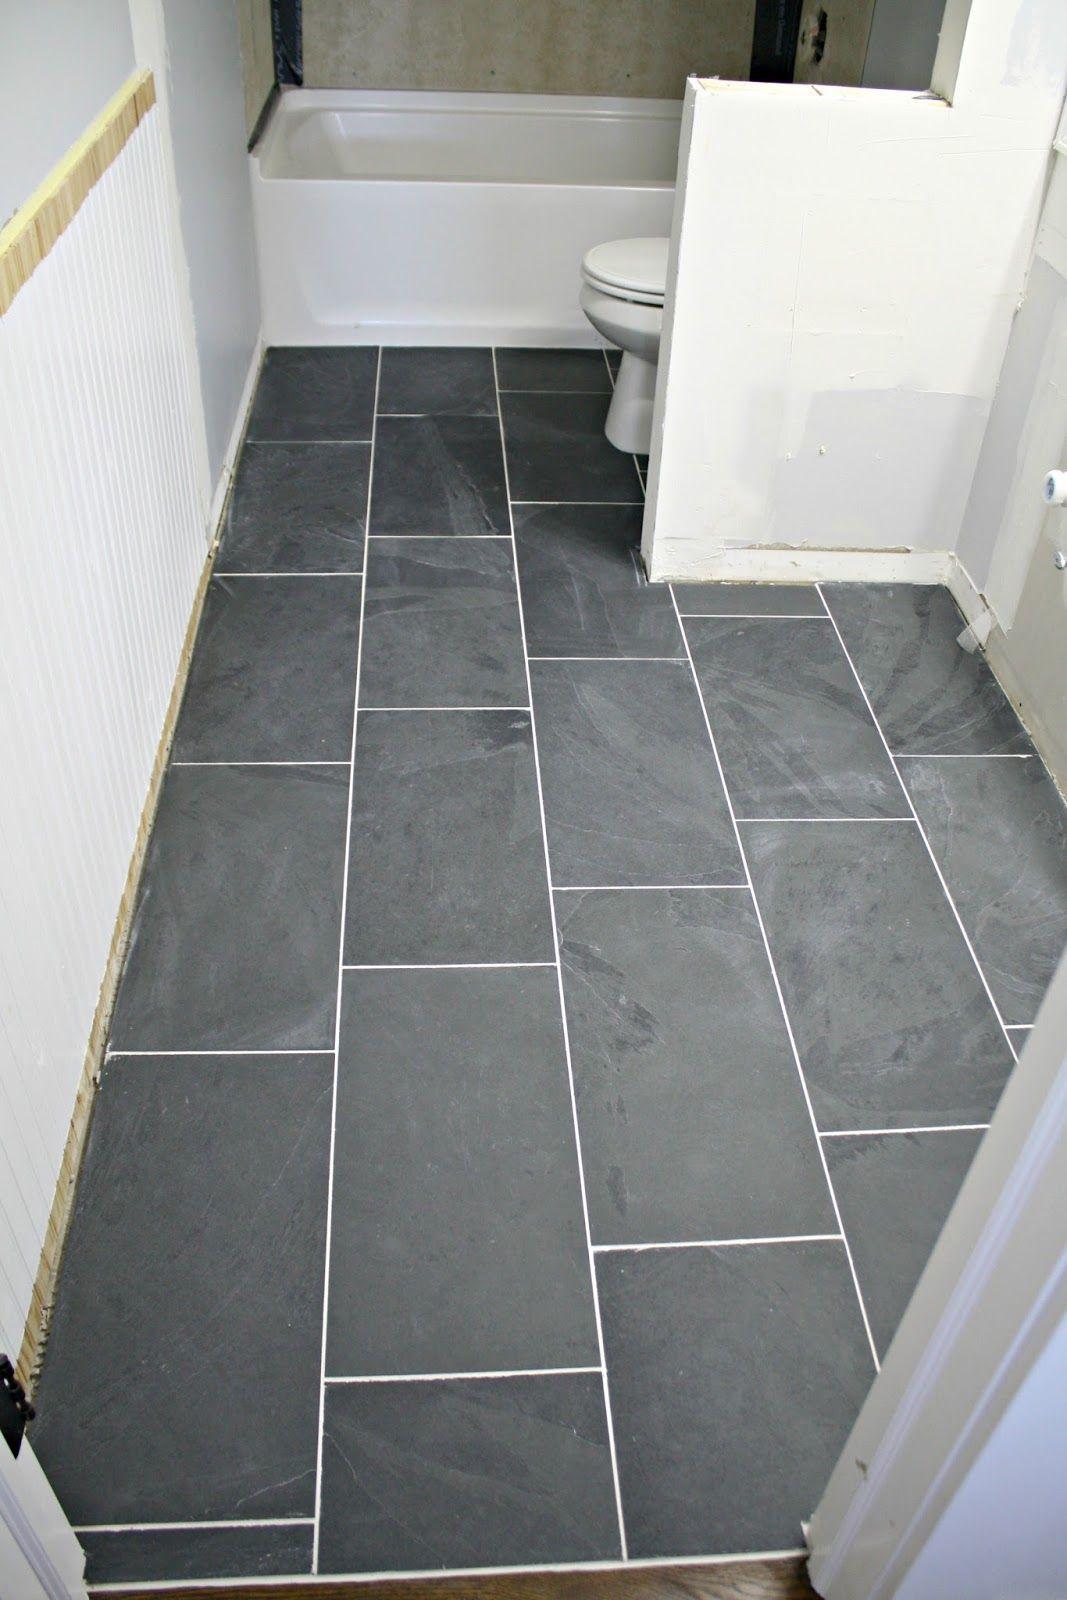 How to tile bathroom floor home diy slate